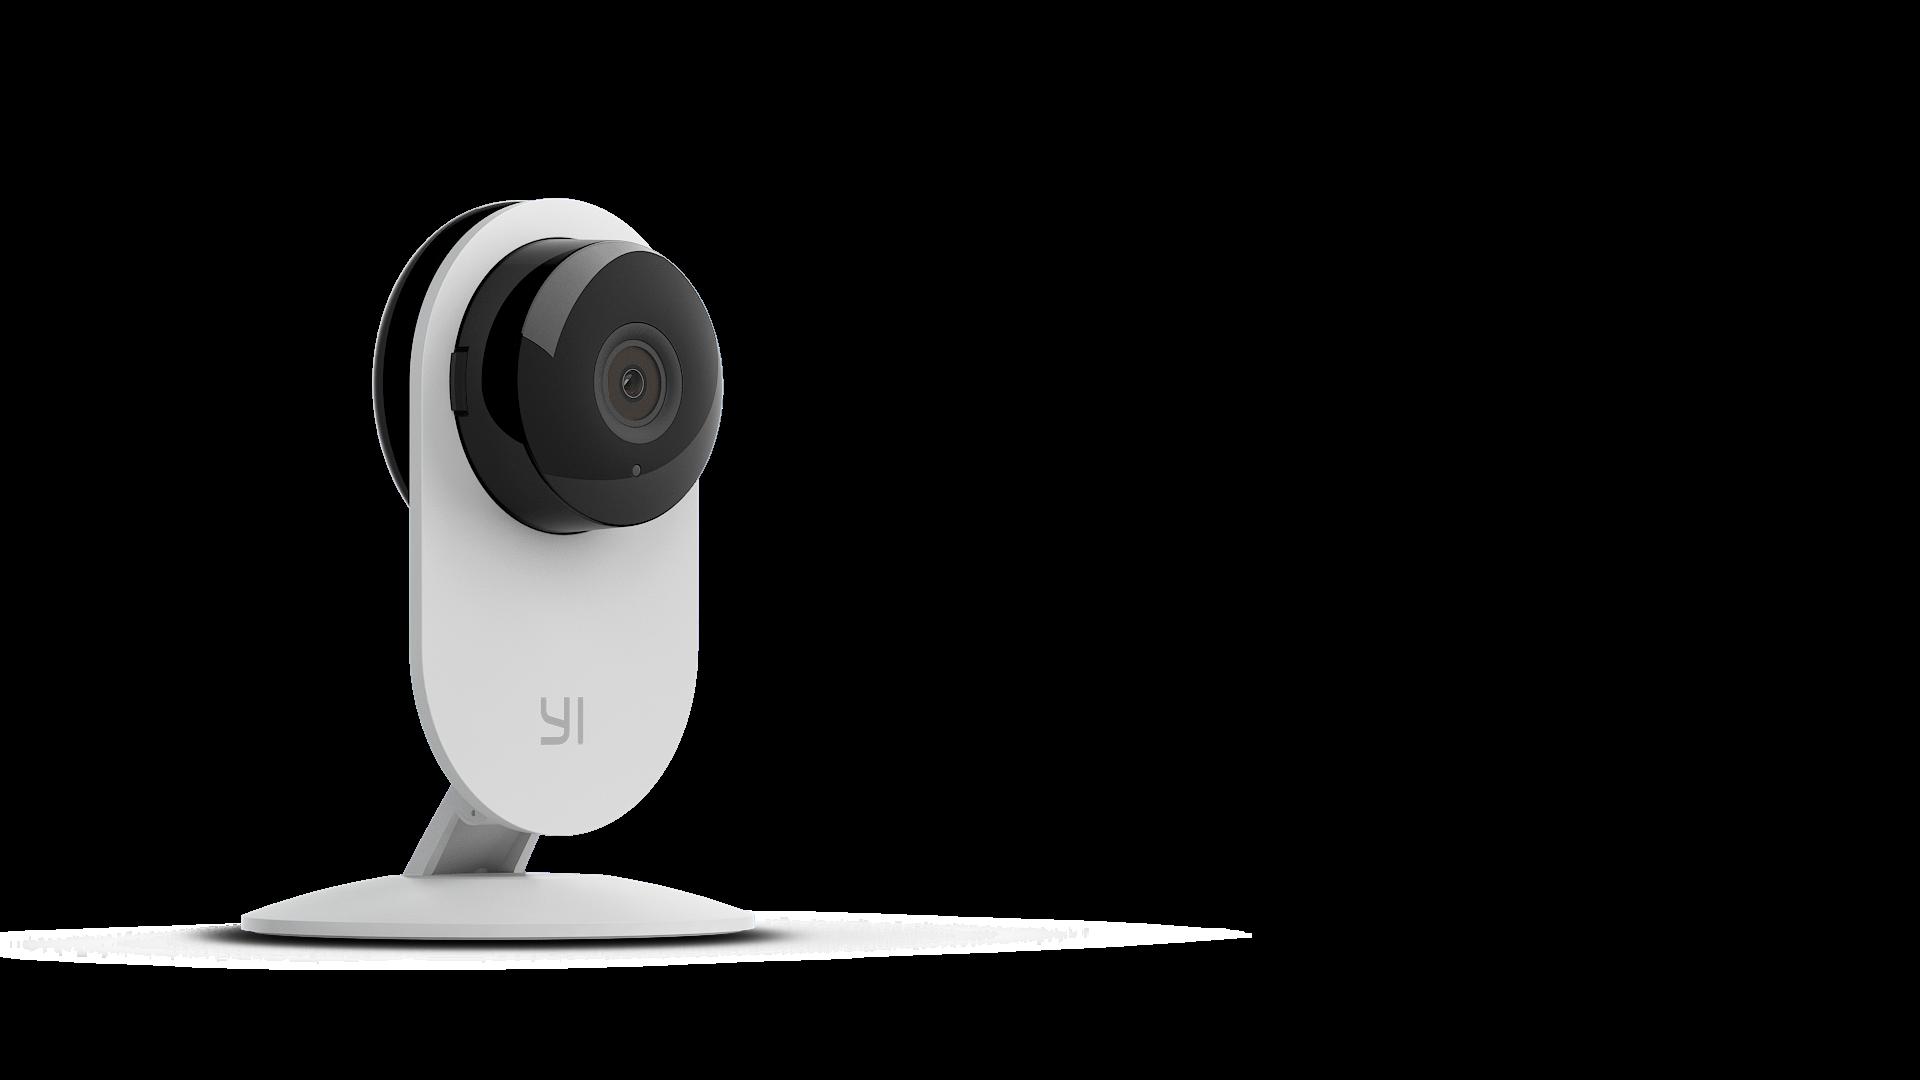 yi-home-camera